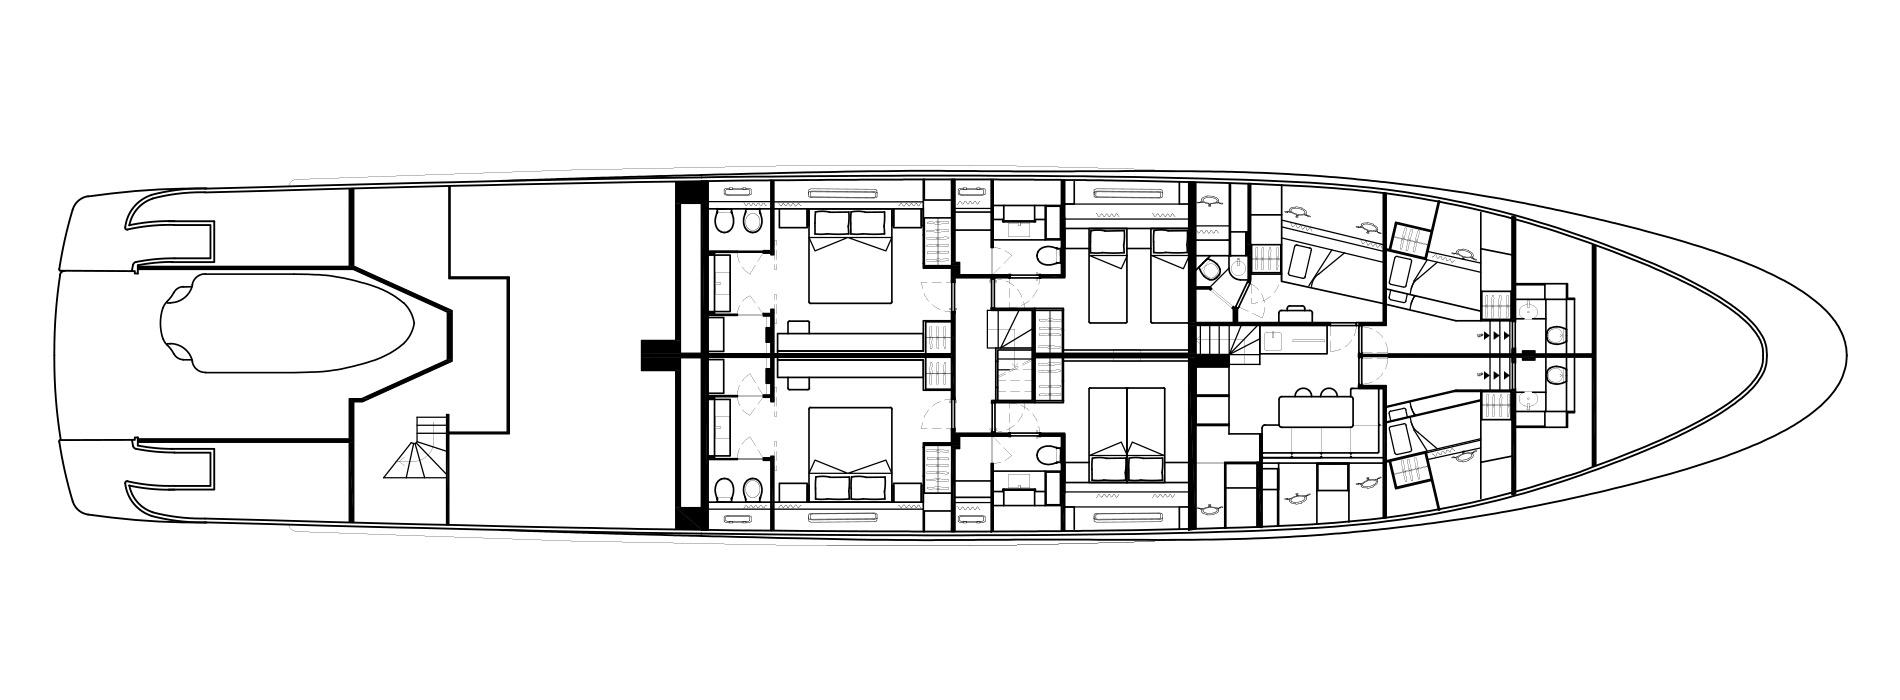 Sanlorenzo Yachts SD126 Cubierta inferior Versione A bis